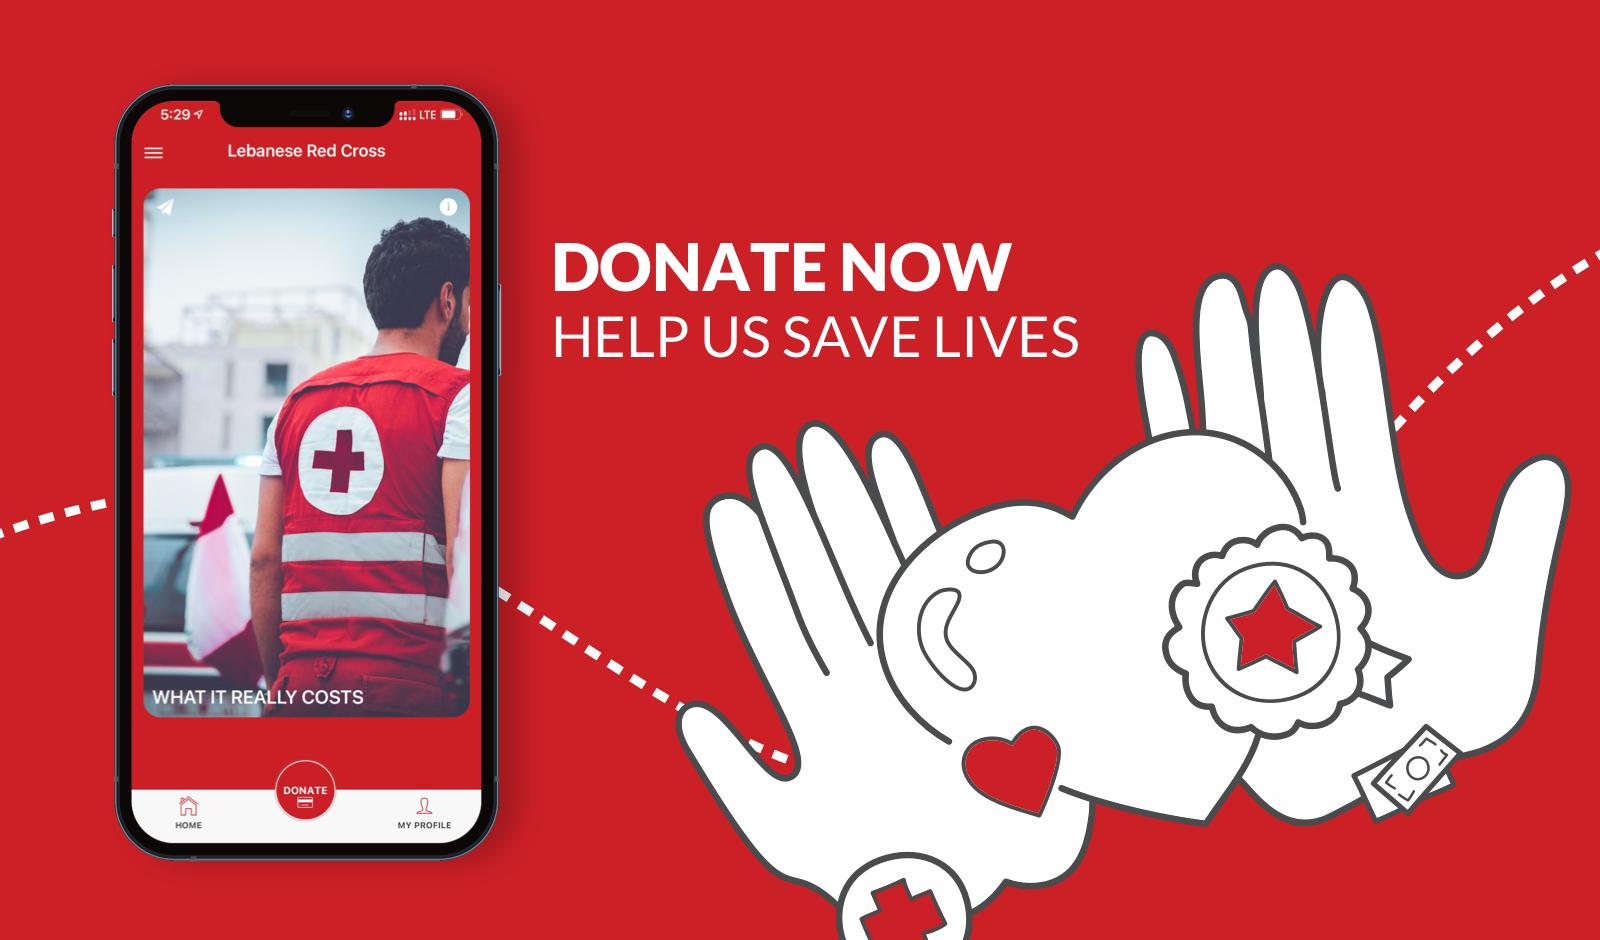 Lebanese Red Cross